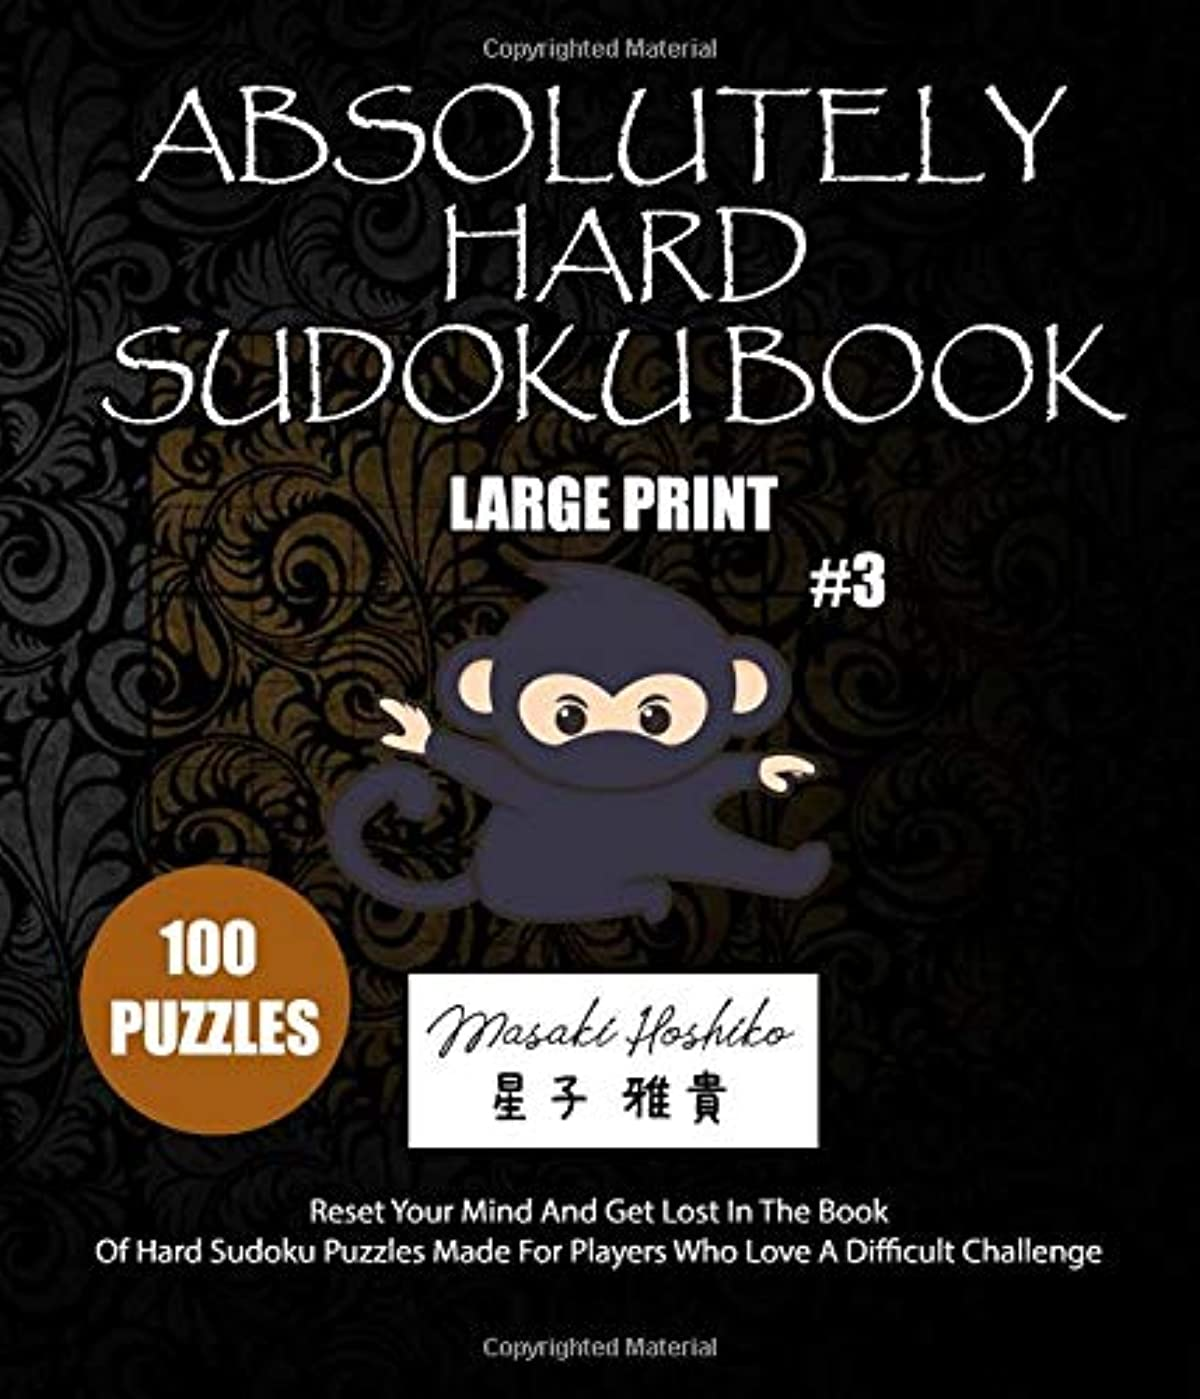 ひねりクローゼット最大ABSOLUTELY HARD SUDOKU BOOK #3: Reset Your Mind And Get Lost In The Book Of Hard Sudoku Puzzles Made For Players Who Love A Difficult Challenge